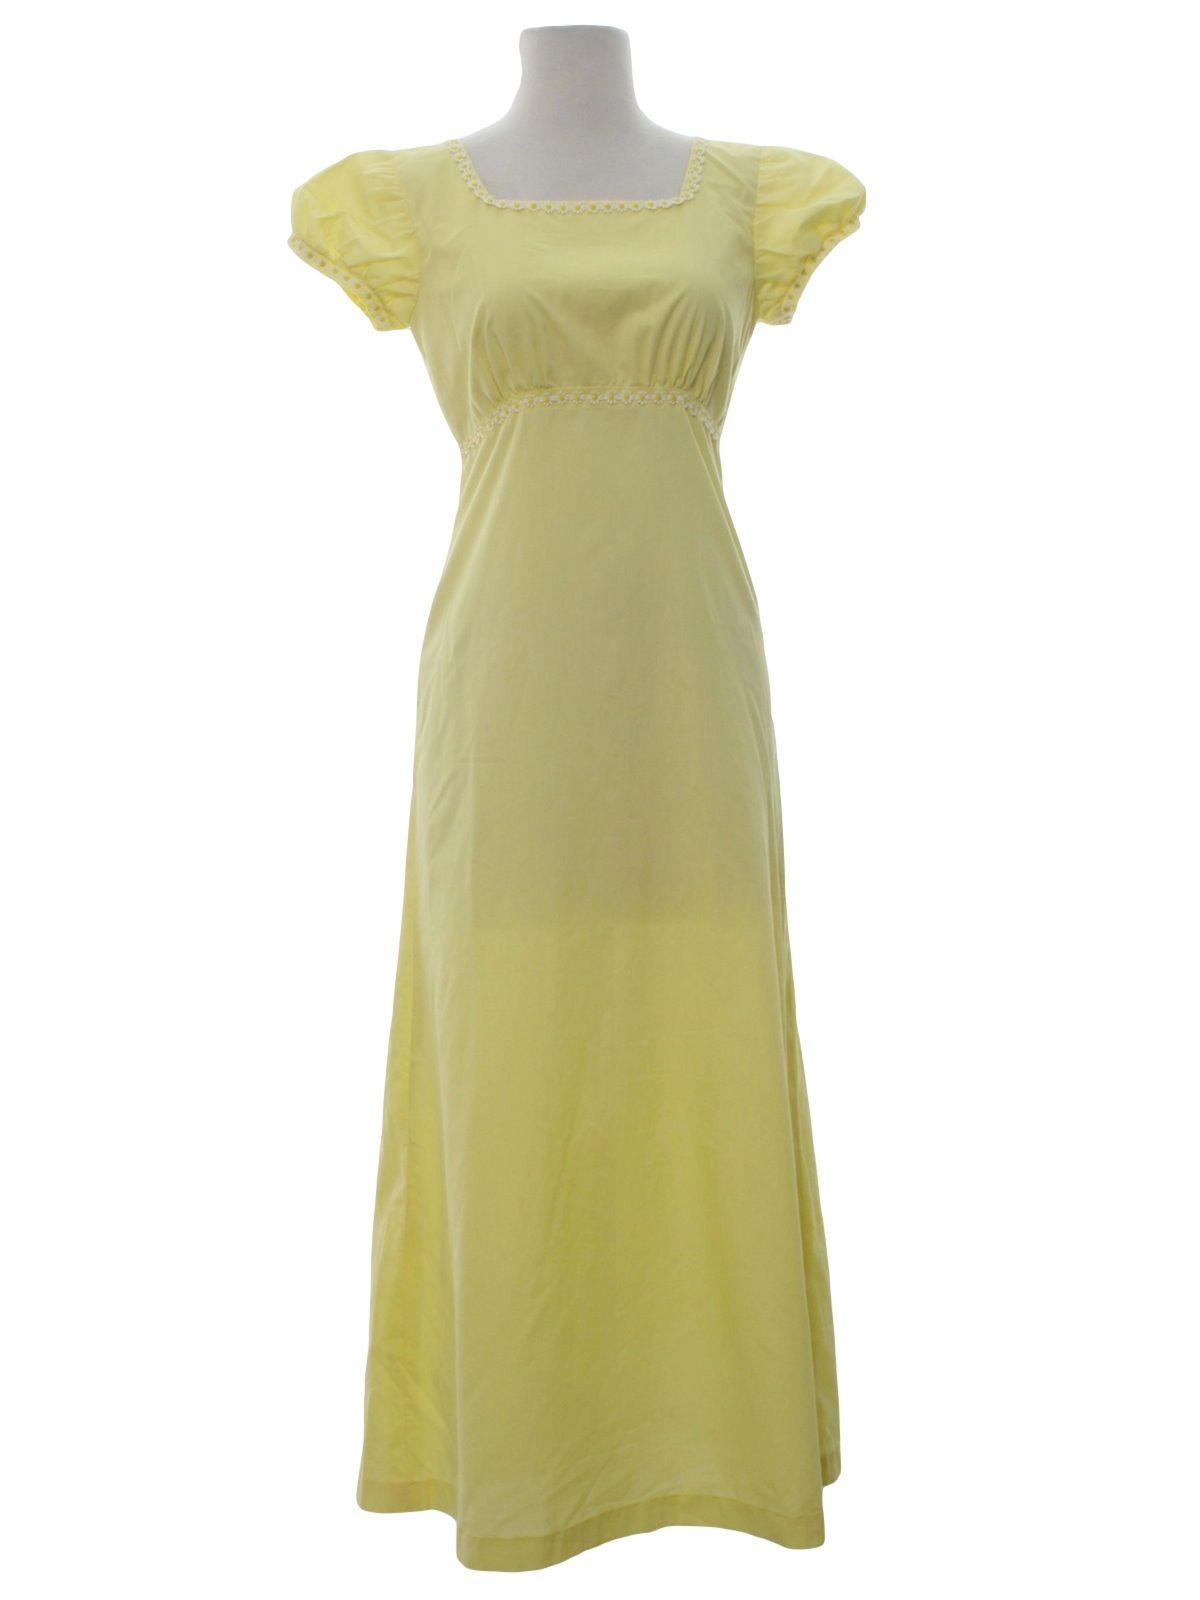 Rustyzipper Com Vintage Clothing Maxi Dress Cocktail Maxi Dress Prom Dresses [ 1600 x 1200 Pixel ]